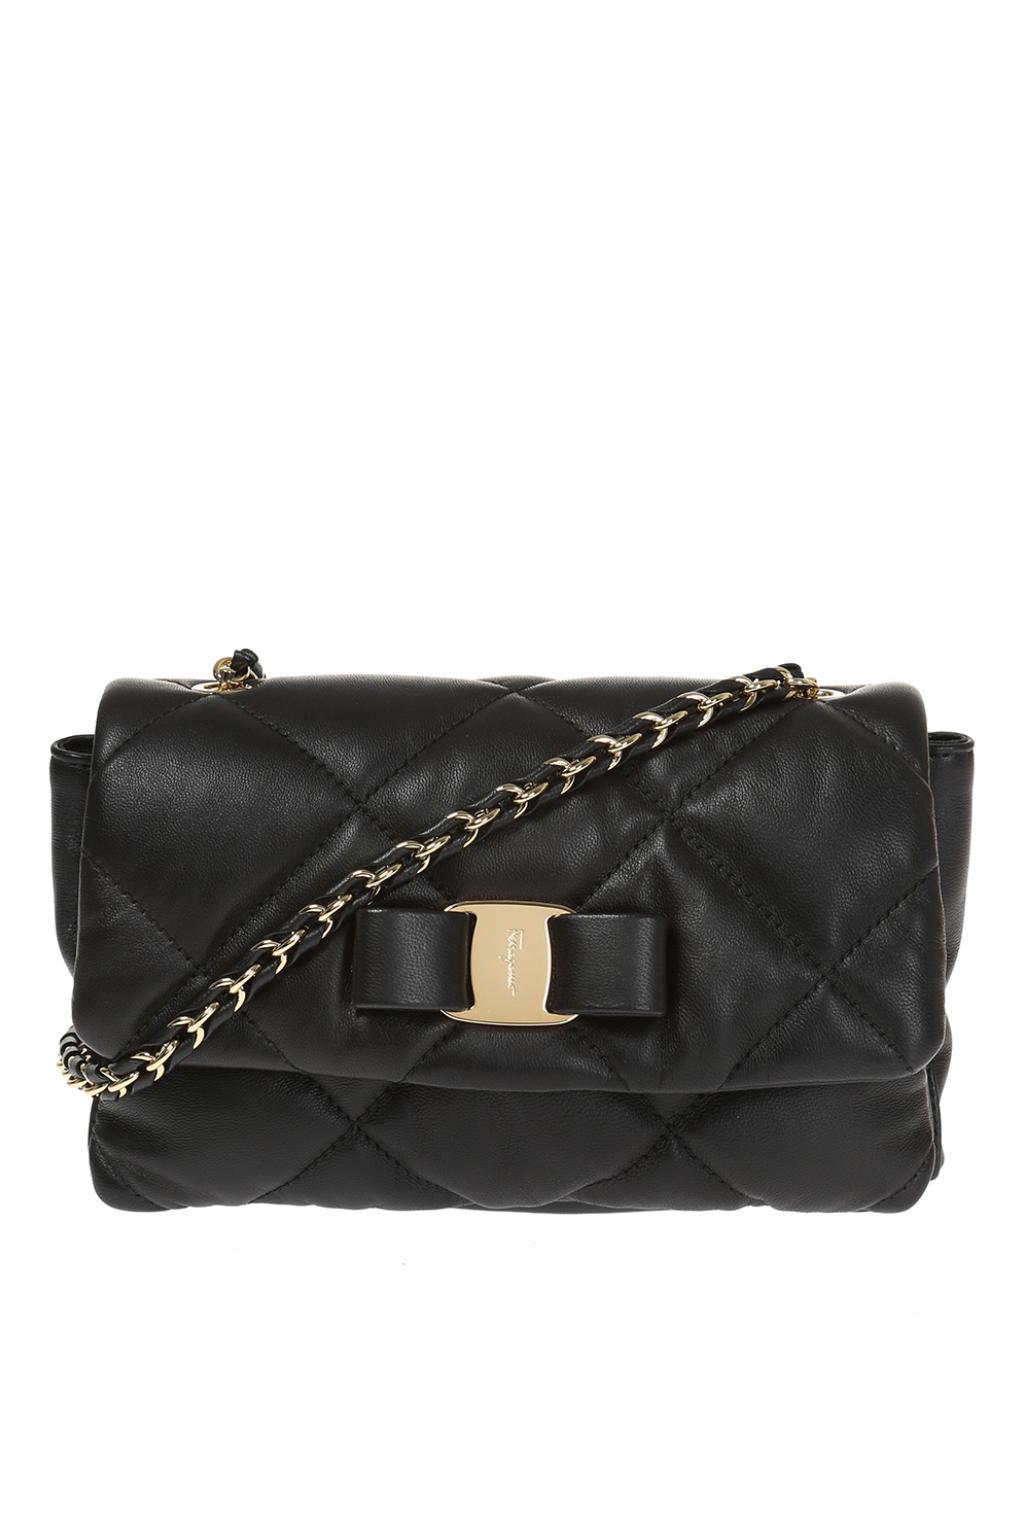 Womens Black Gelly Clutch newest 0c93b 548d6  Ferragamo - Gancini Leather Shoulder  Bag - Lyst official photos 4efaf ... 7863680dab886